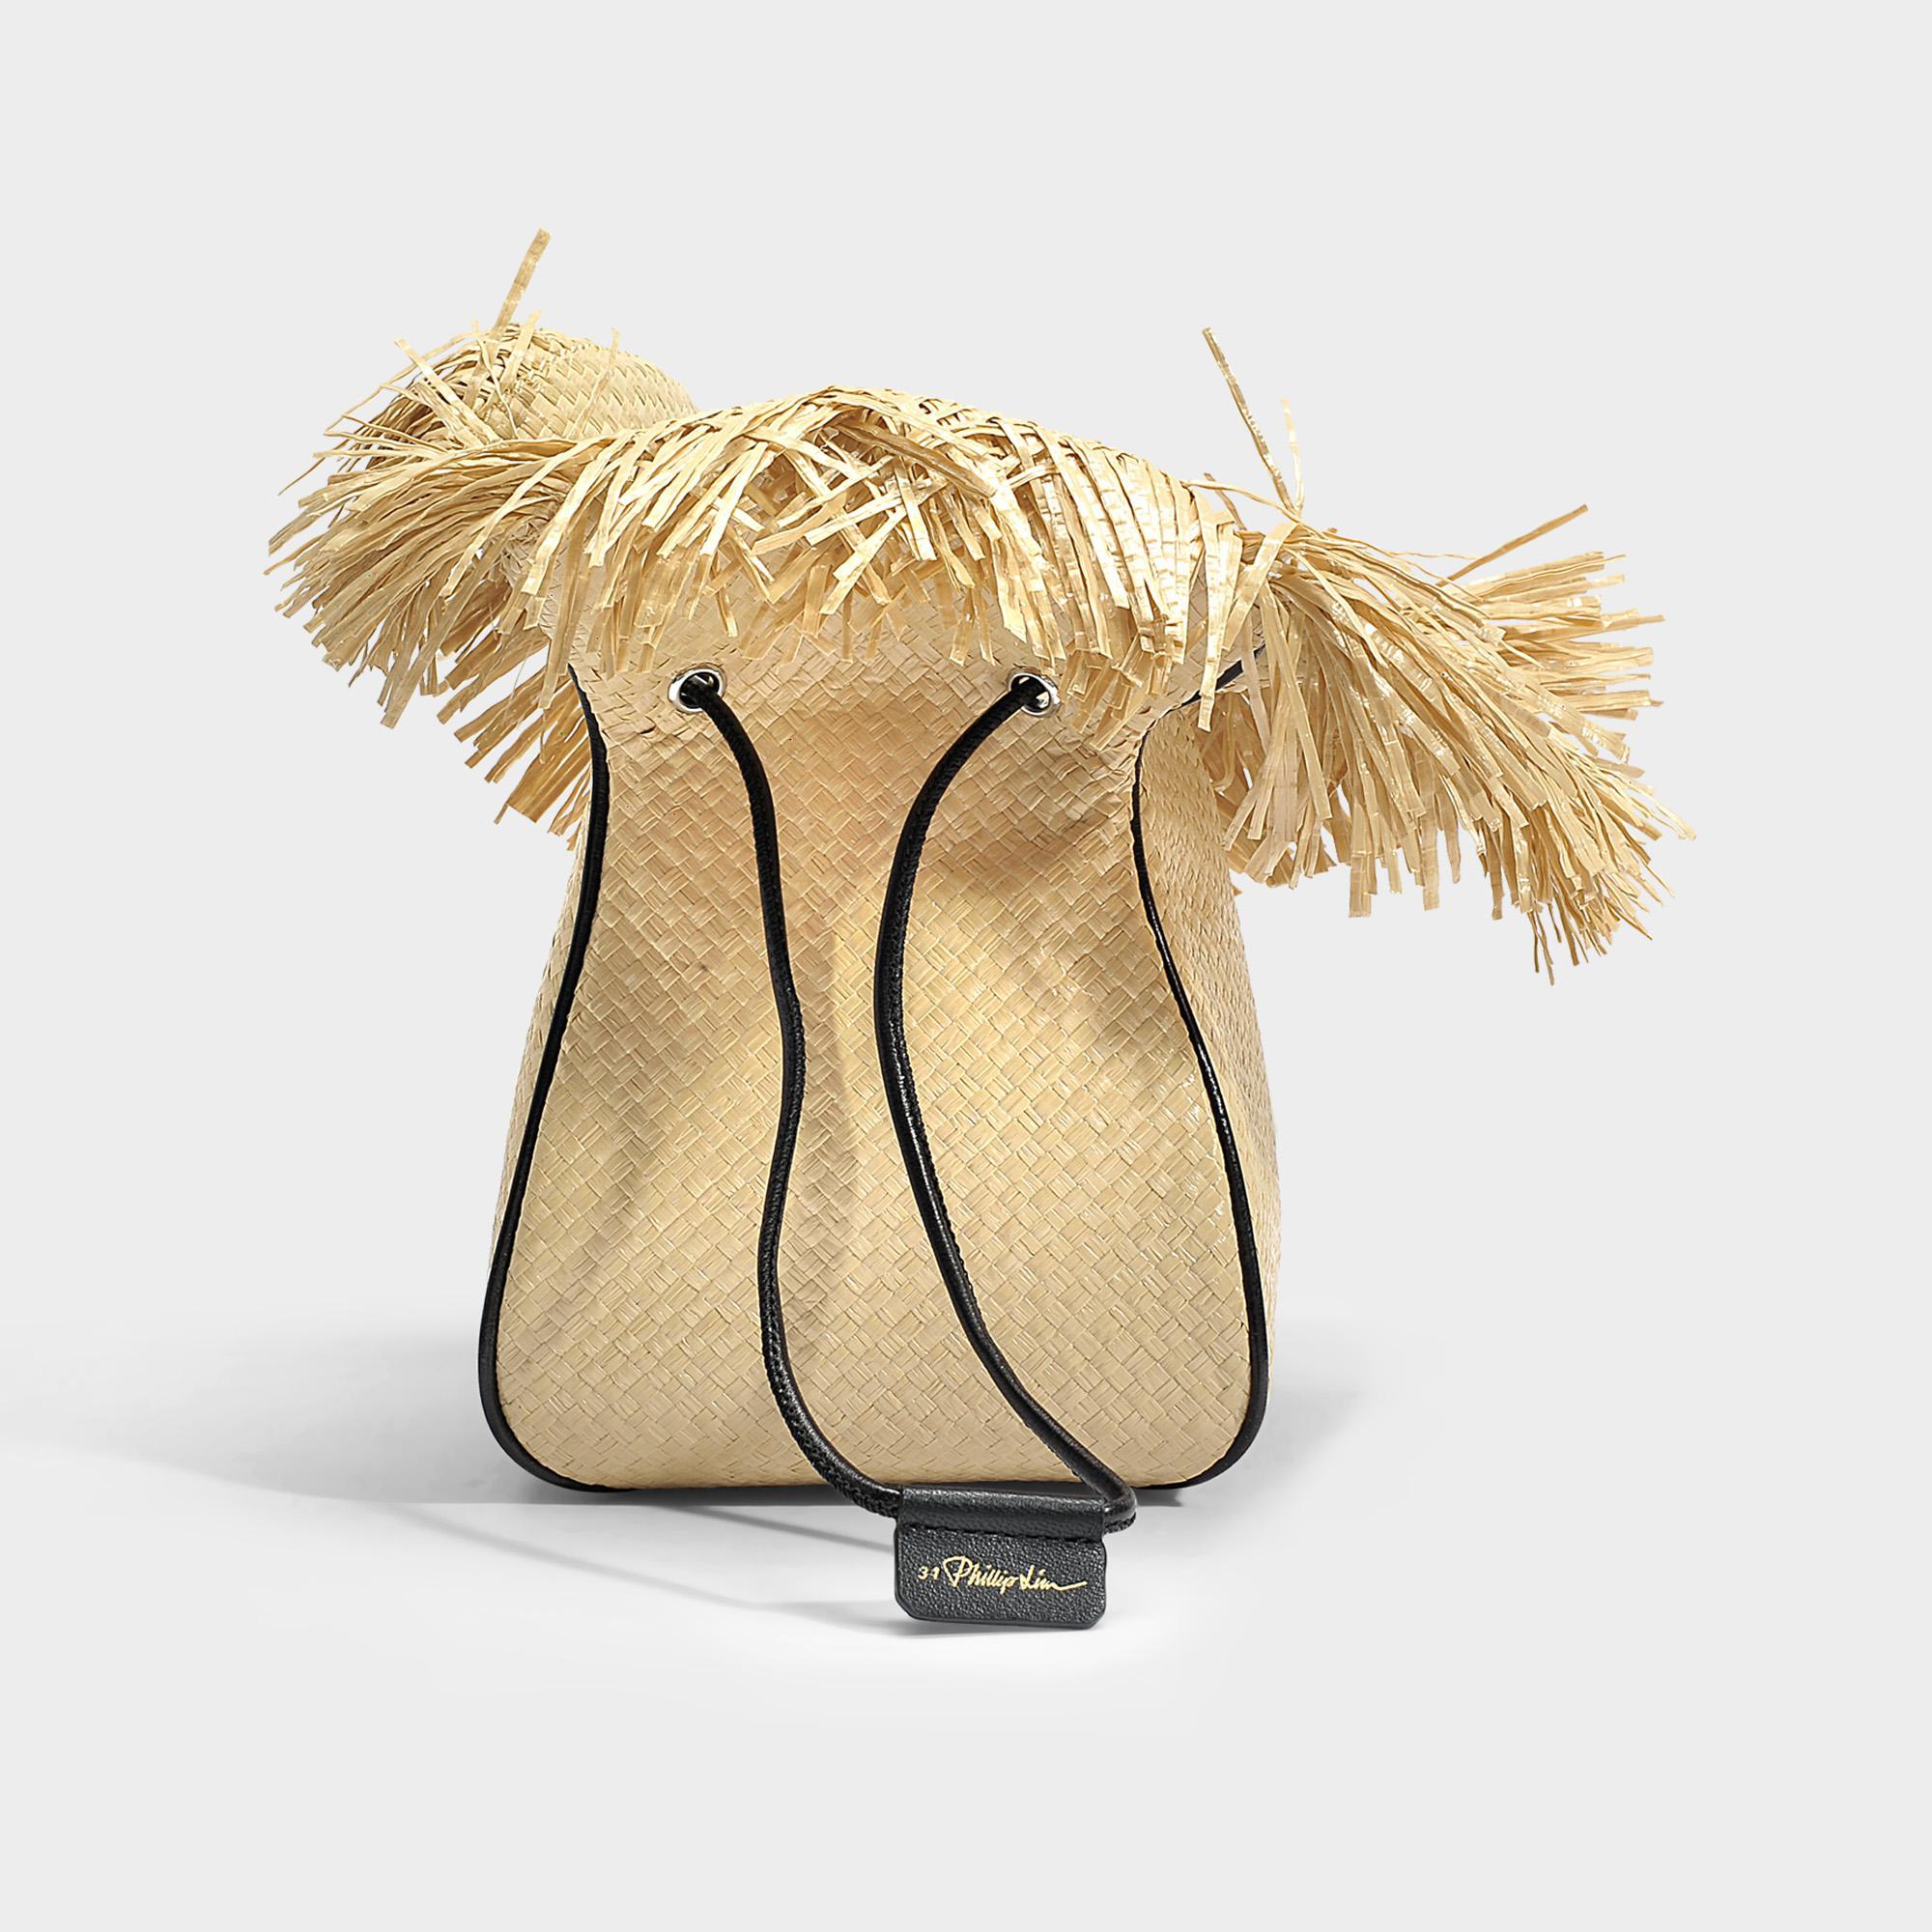 3.1 Phillip Lim Ray Mini-poche De Poche De Gant En Tissu Tissé Naturel Paille PtCl6XMPb